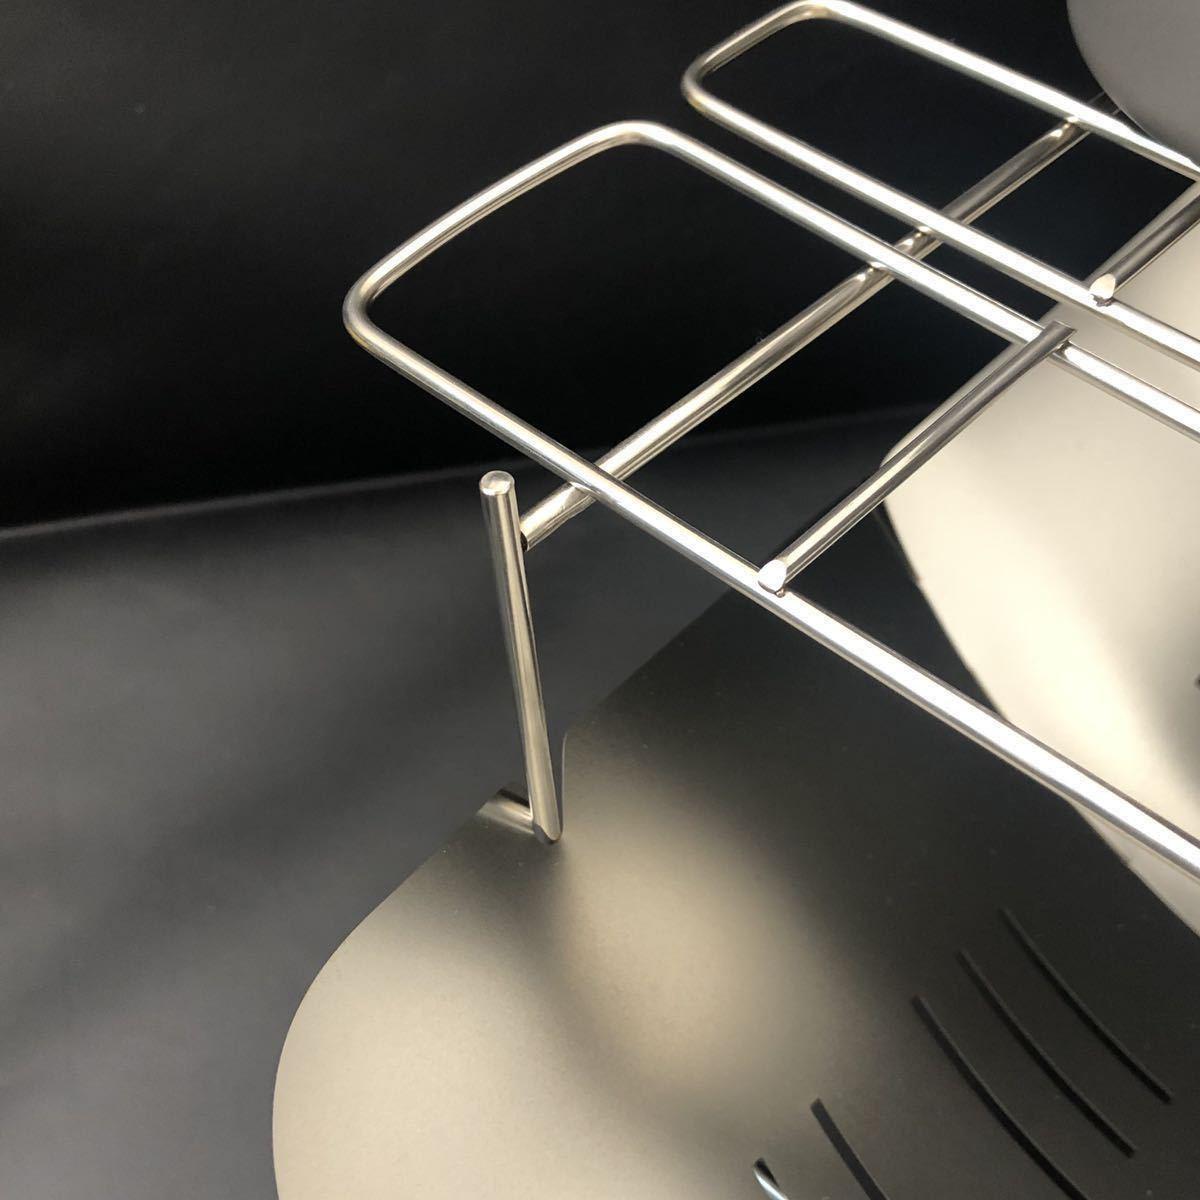 超軽量380g 焚き火台 折り畳み式 ステンレス製 焚火台 頑丈 バーベキューコンロ スピット(串) 3本付